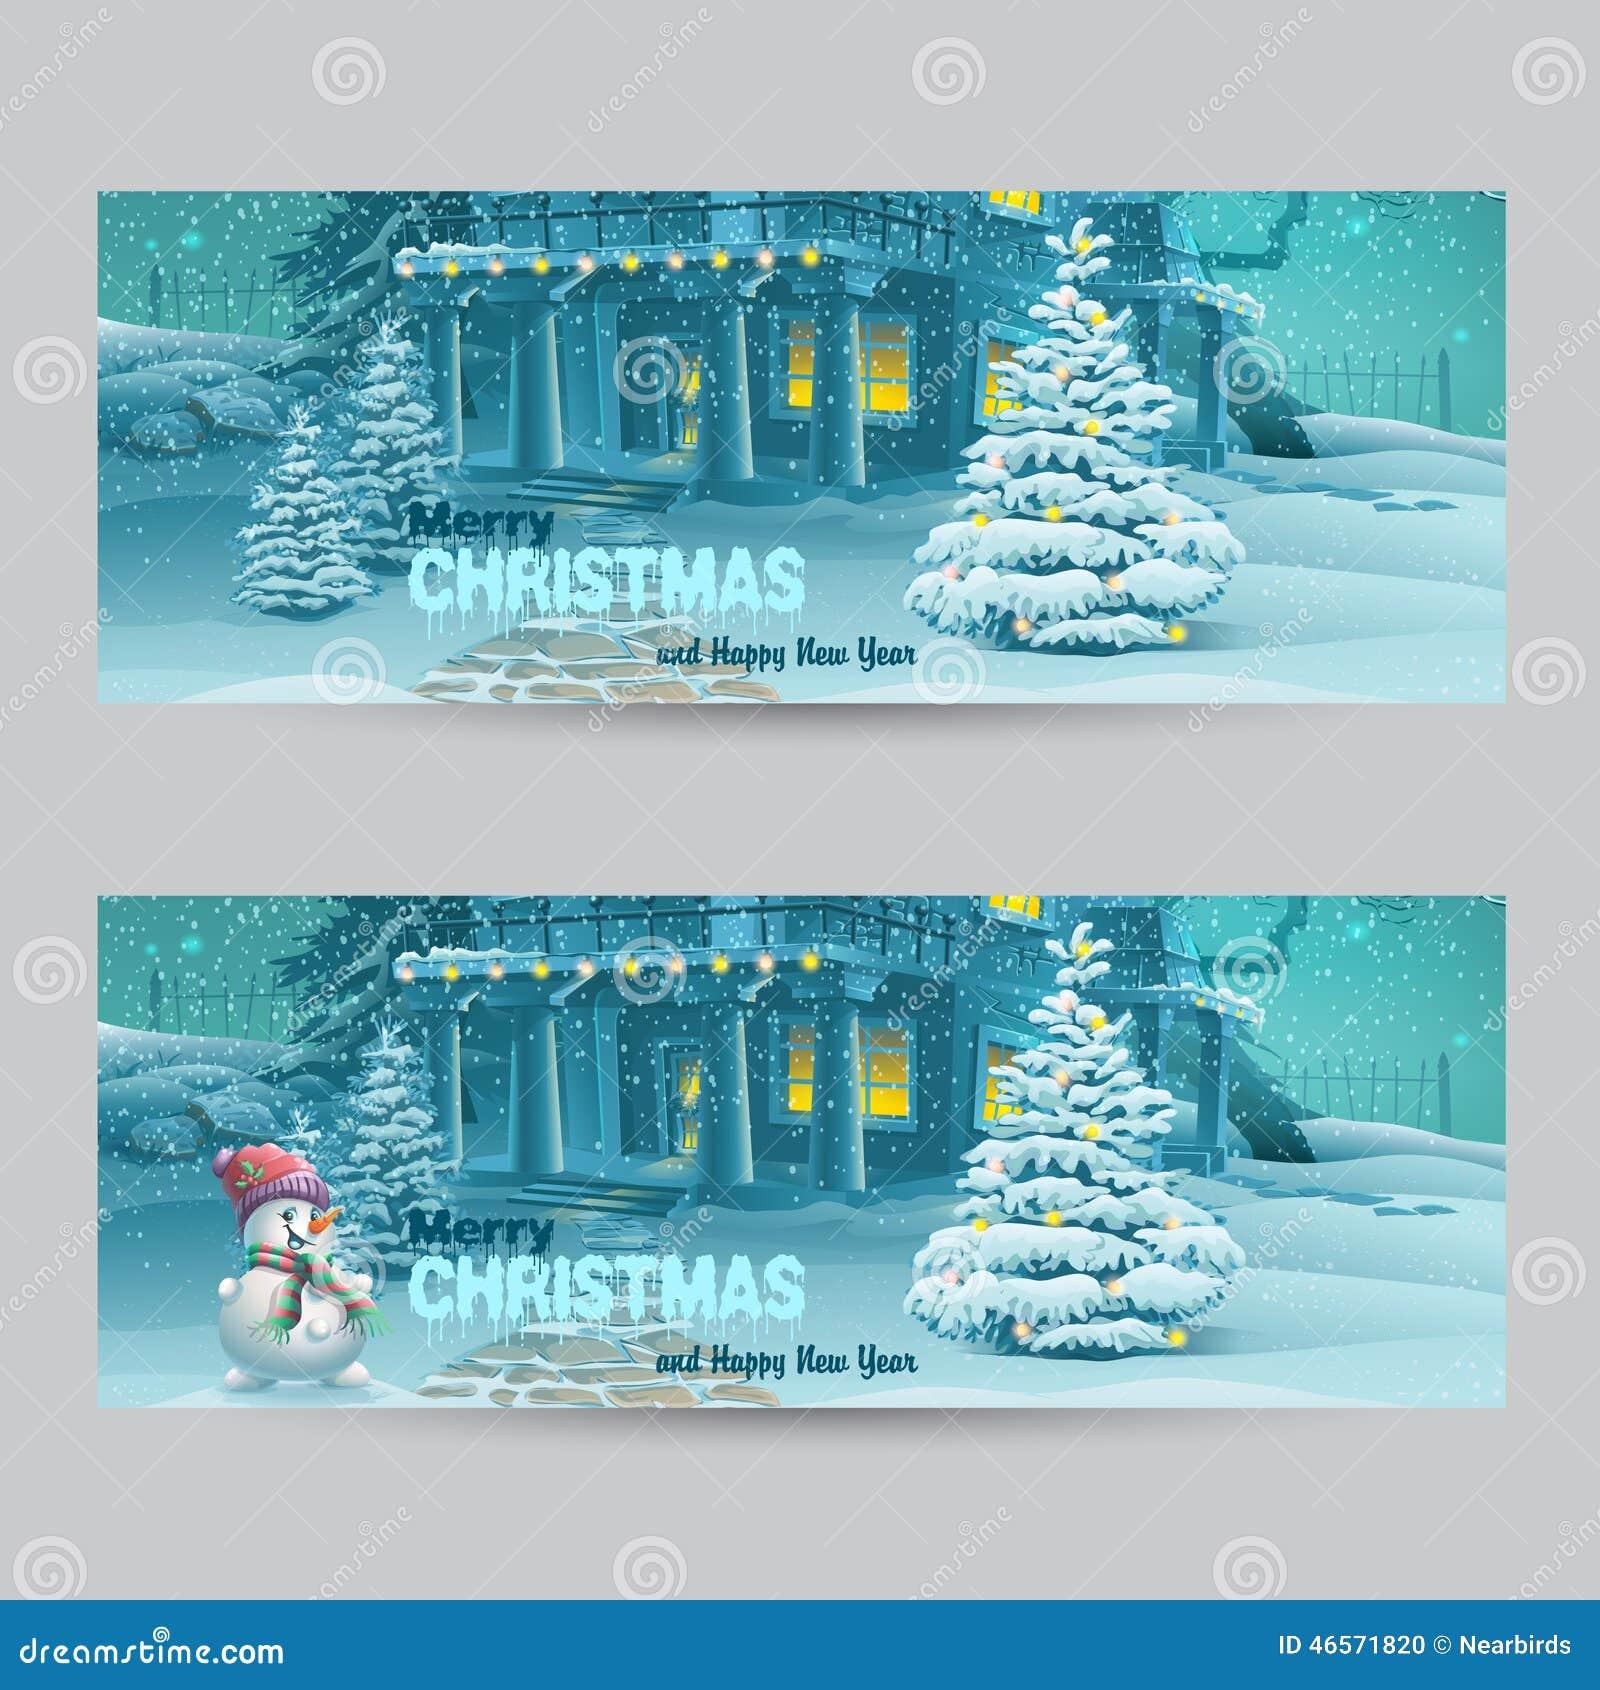 Set horyzontalni sztandary z bożymi narodzeniami i nowym rokiem z wizerunkiem śnieżna noc z bałwanem i choinkami